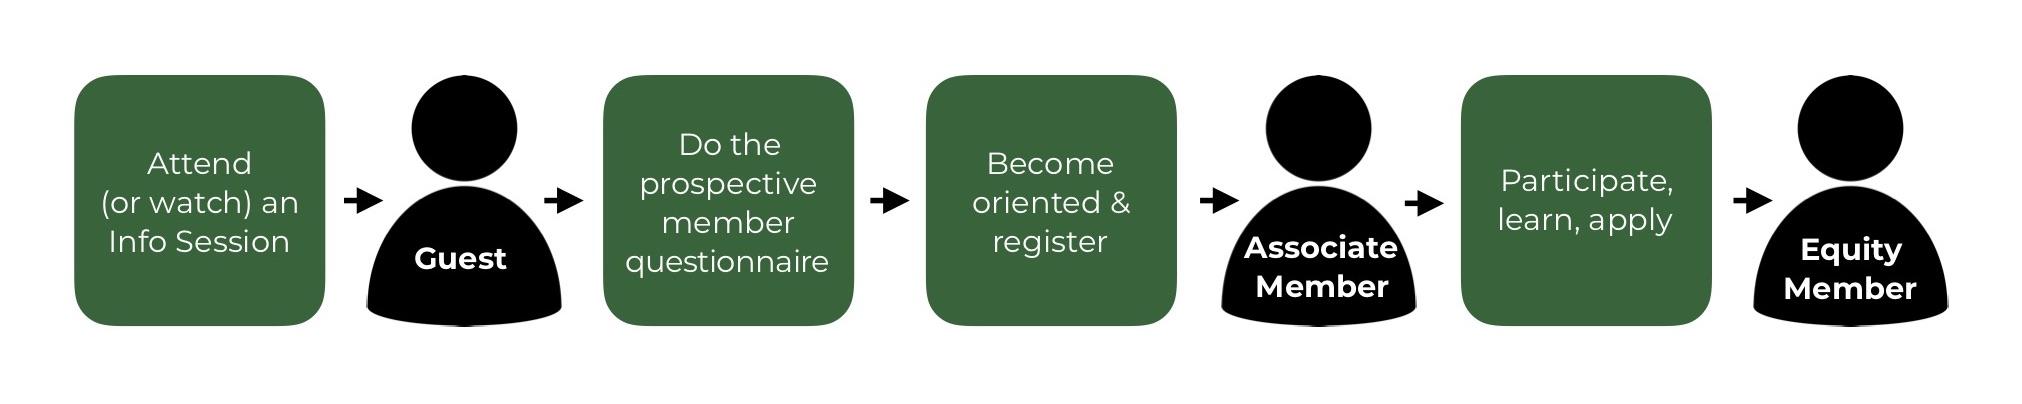 membership process